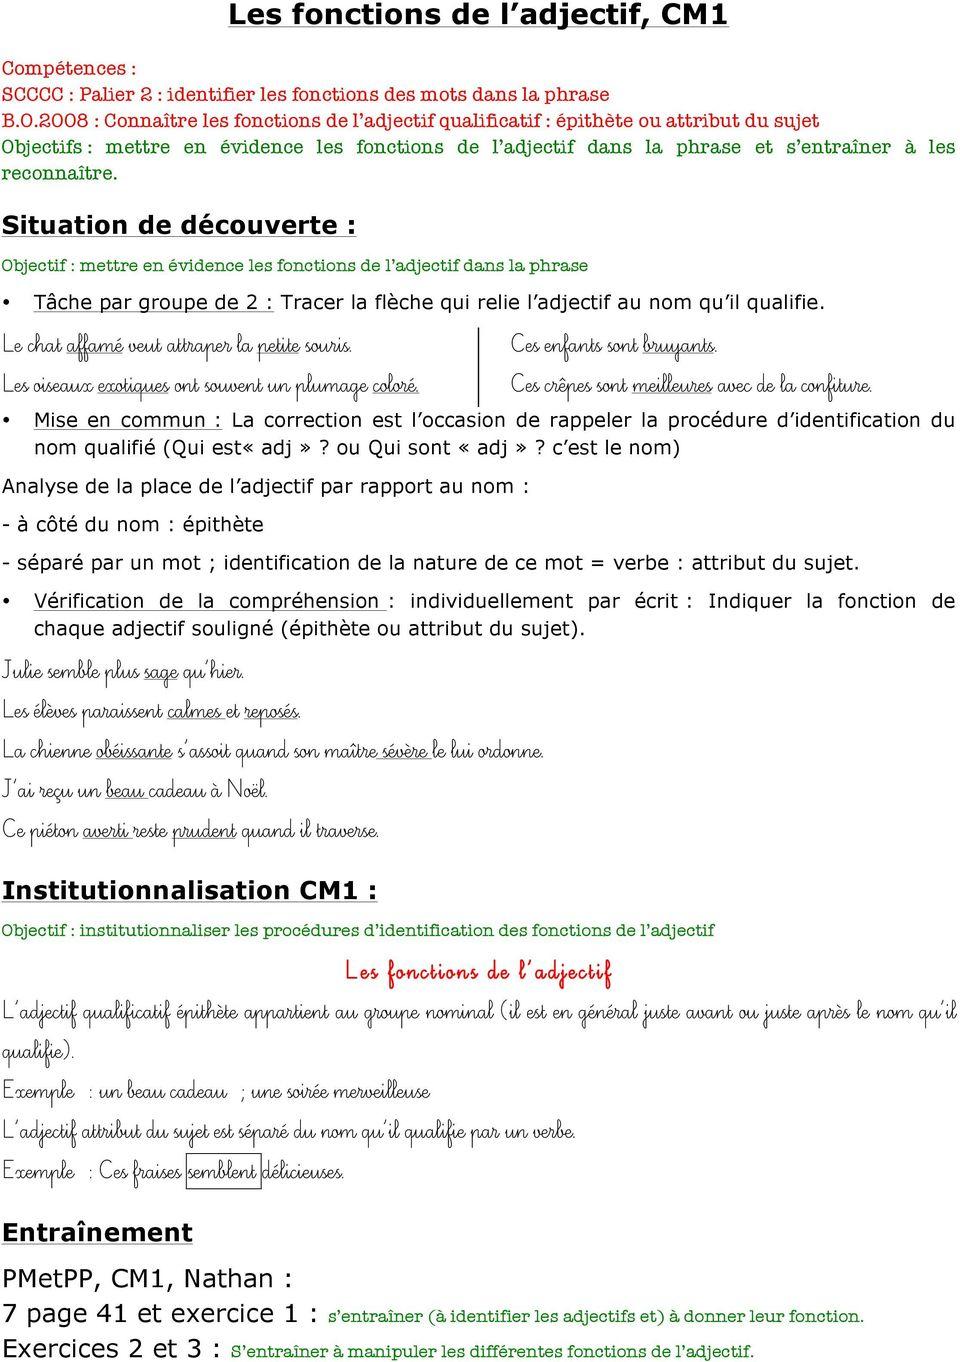 Les Fonctions De L Adjectif, Cm1 - Pdf Téléchargement Gratuit concernant Exercice Cm1 Gratuit